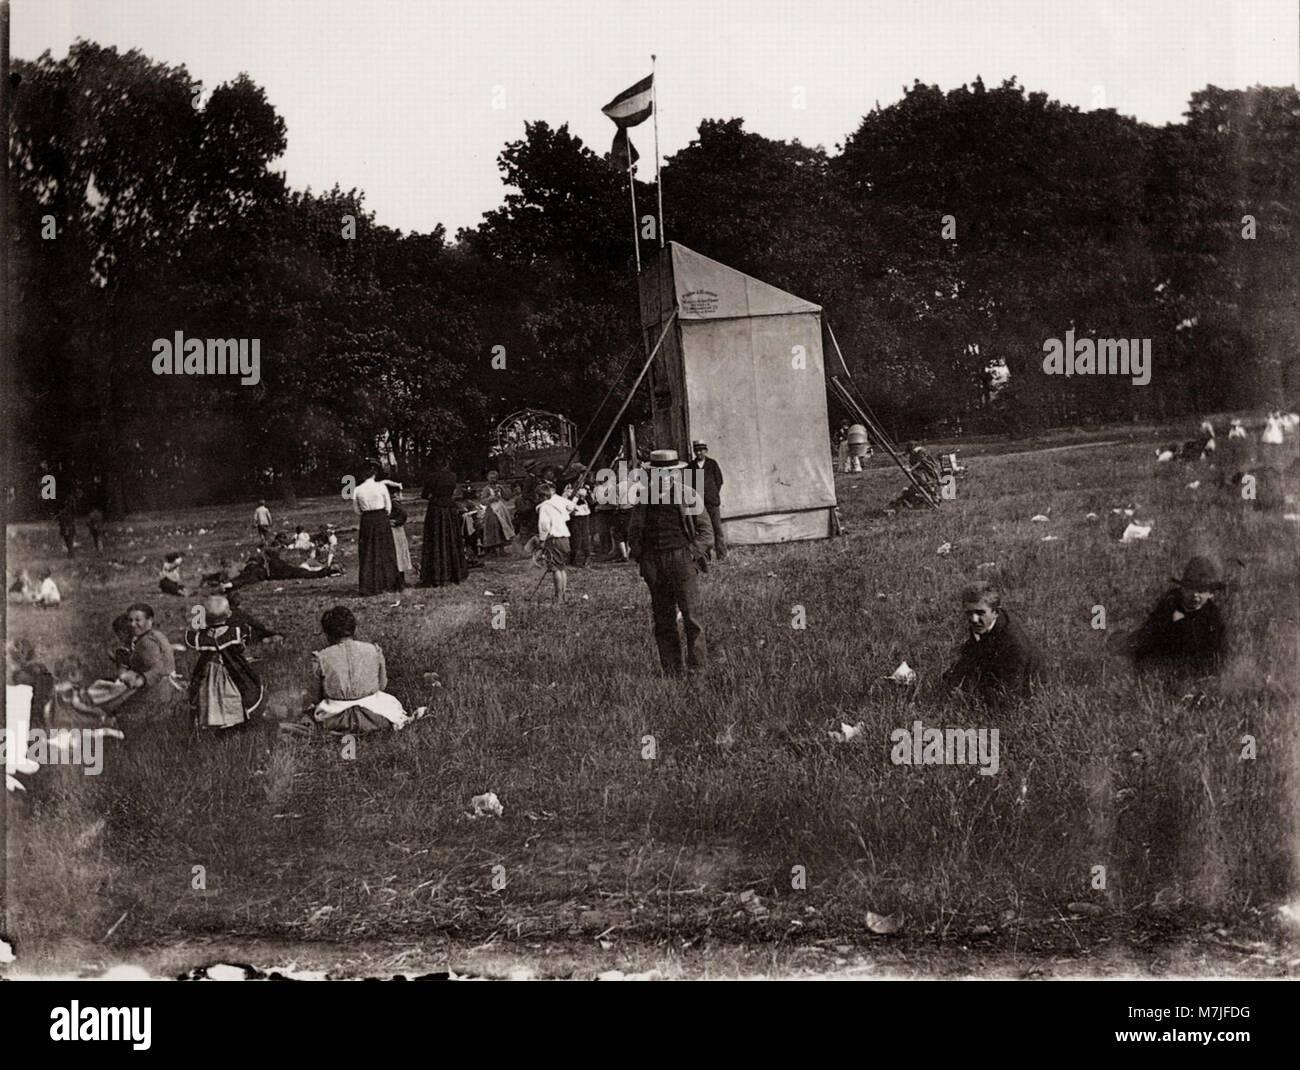 Zille, Heinrich - Kinder und Kinderspielplätze, Kasperltheater am Lietzensee-Park (Zeno Fotografie) - Stock Image